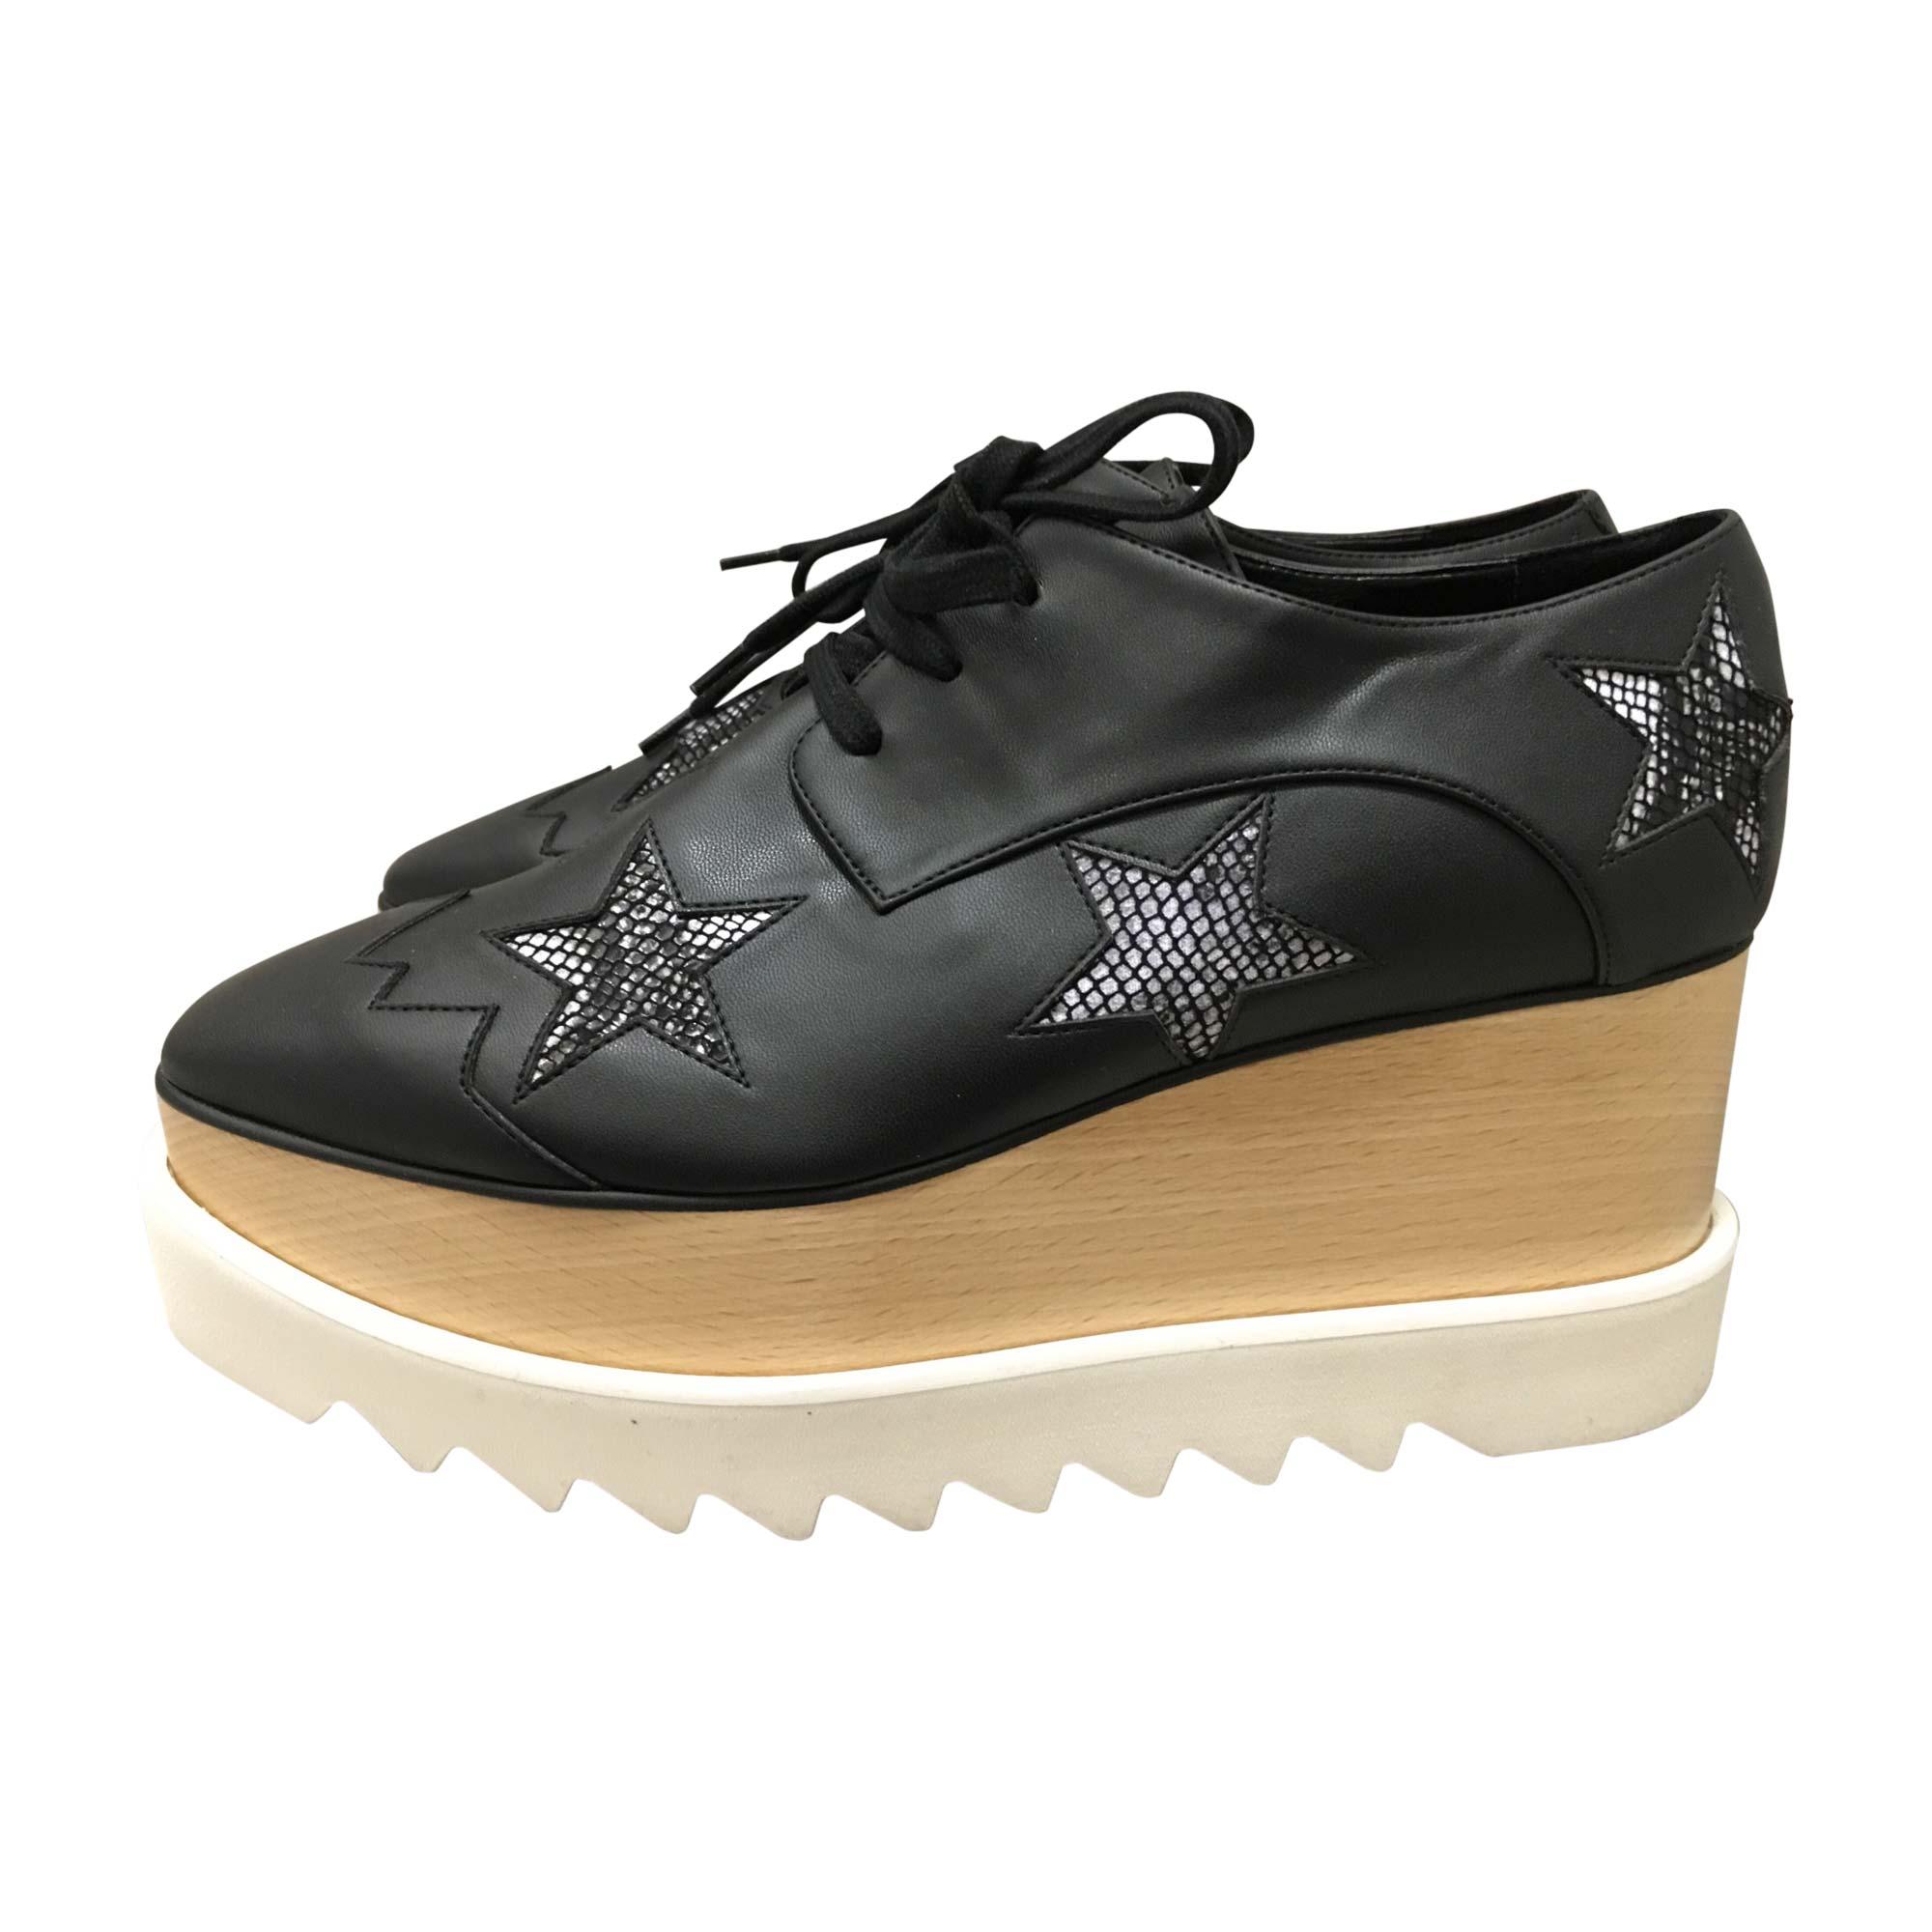 plus de photos 04470 68822 Chaussures à lacets